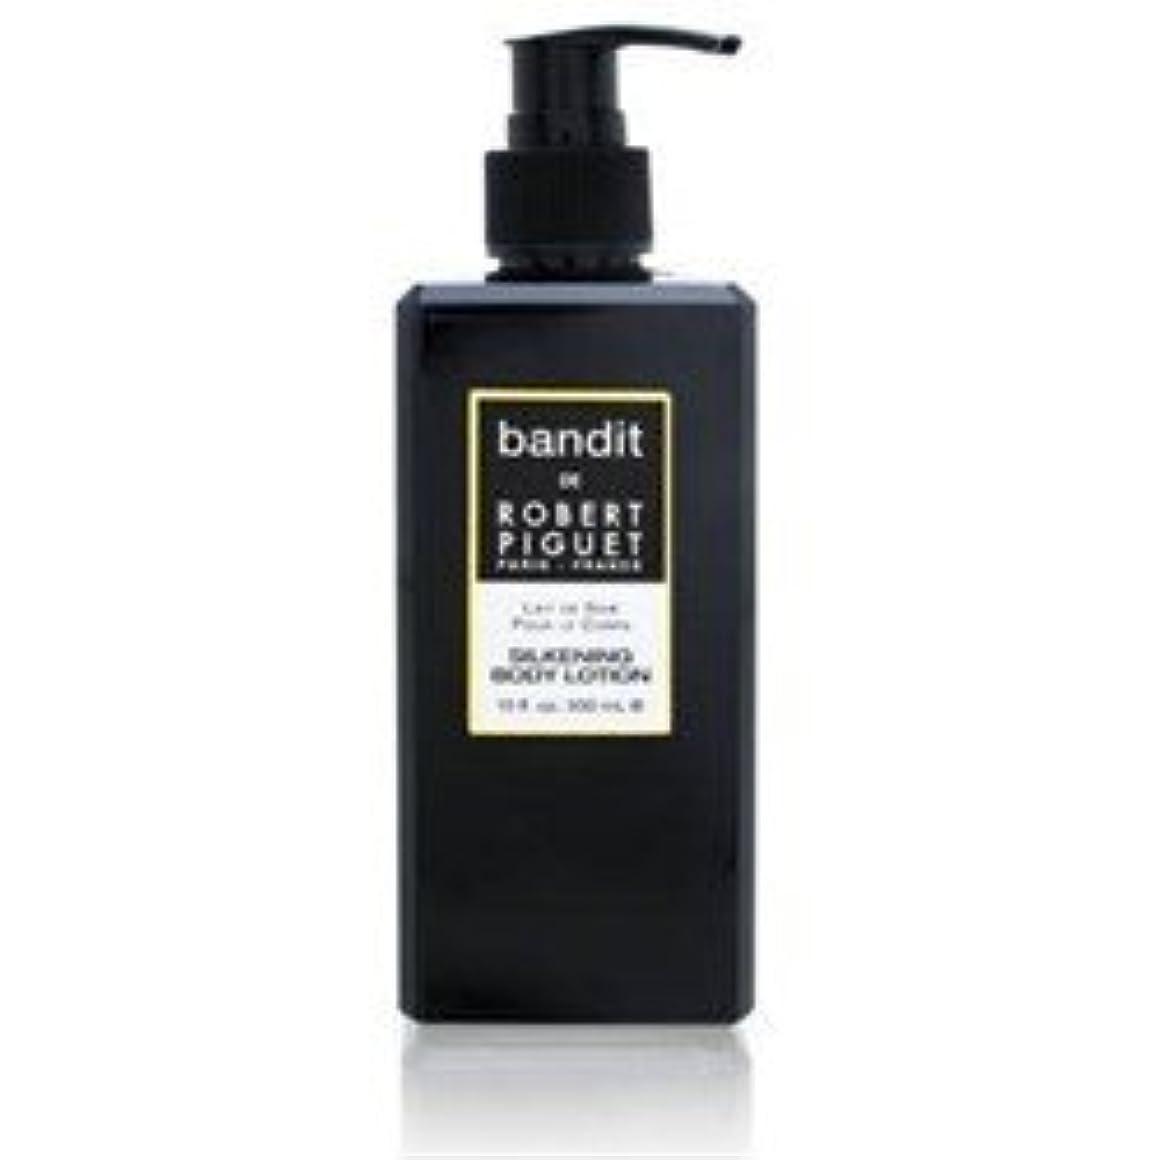 の中で暖かさ万歳Bandit (バンディット)10 oz (300ml) Body Lotion (ボディーローション) by Robert Piguet for Women